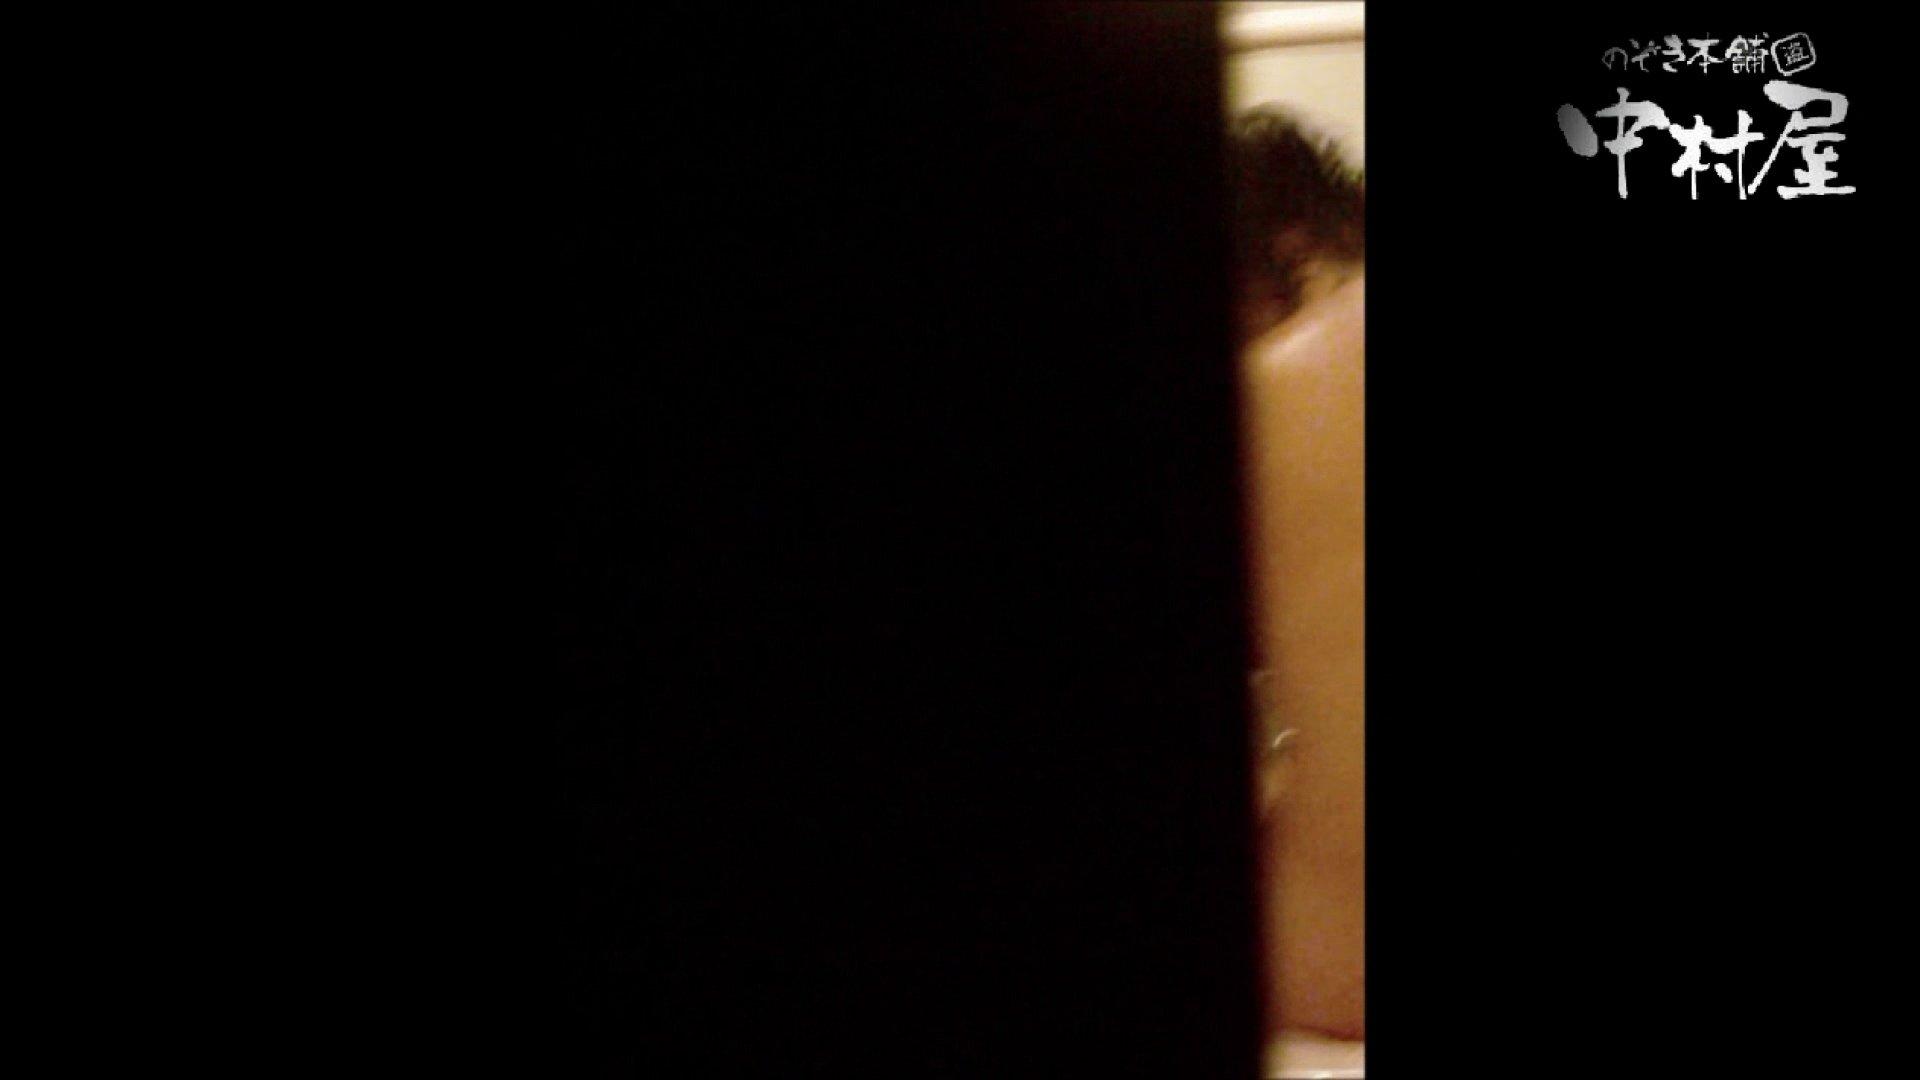 雅さんの独断と偏見で集めた動画集 民家Vol.6 超エロギャル すけべAV動画紹介 61枚 46